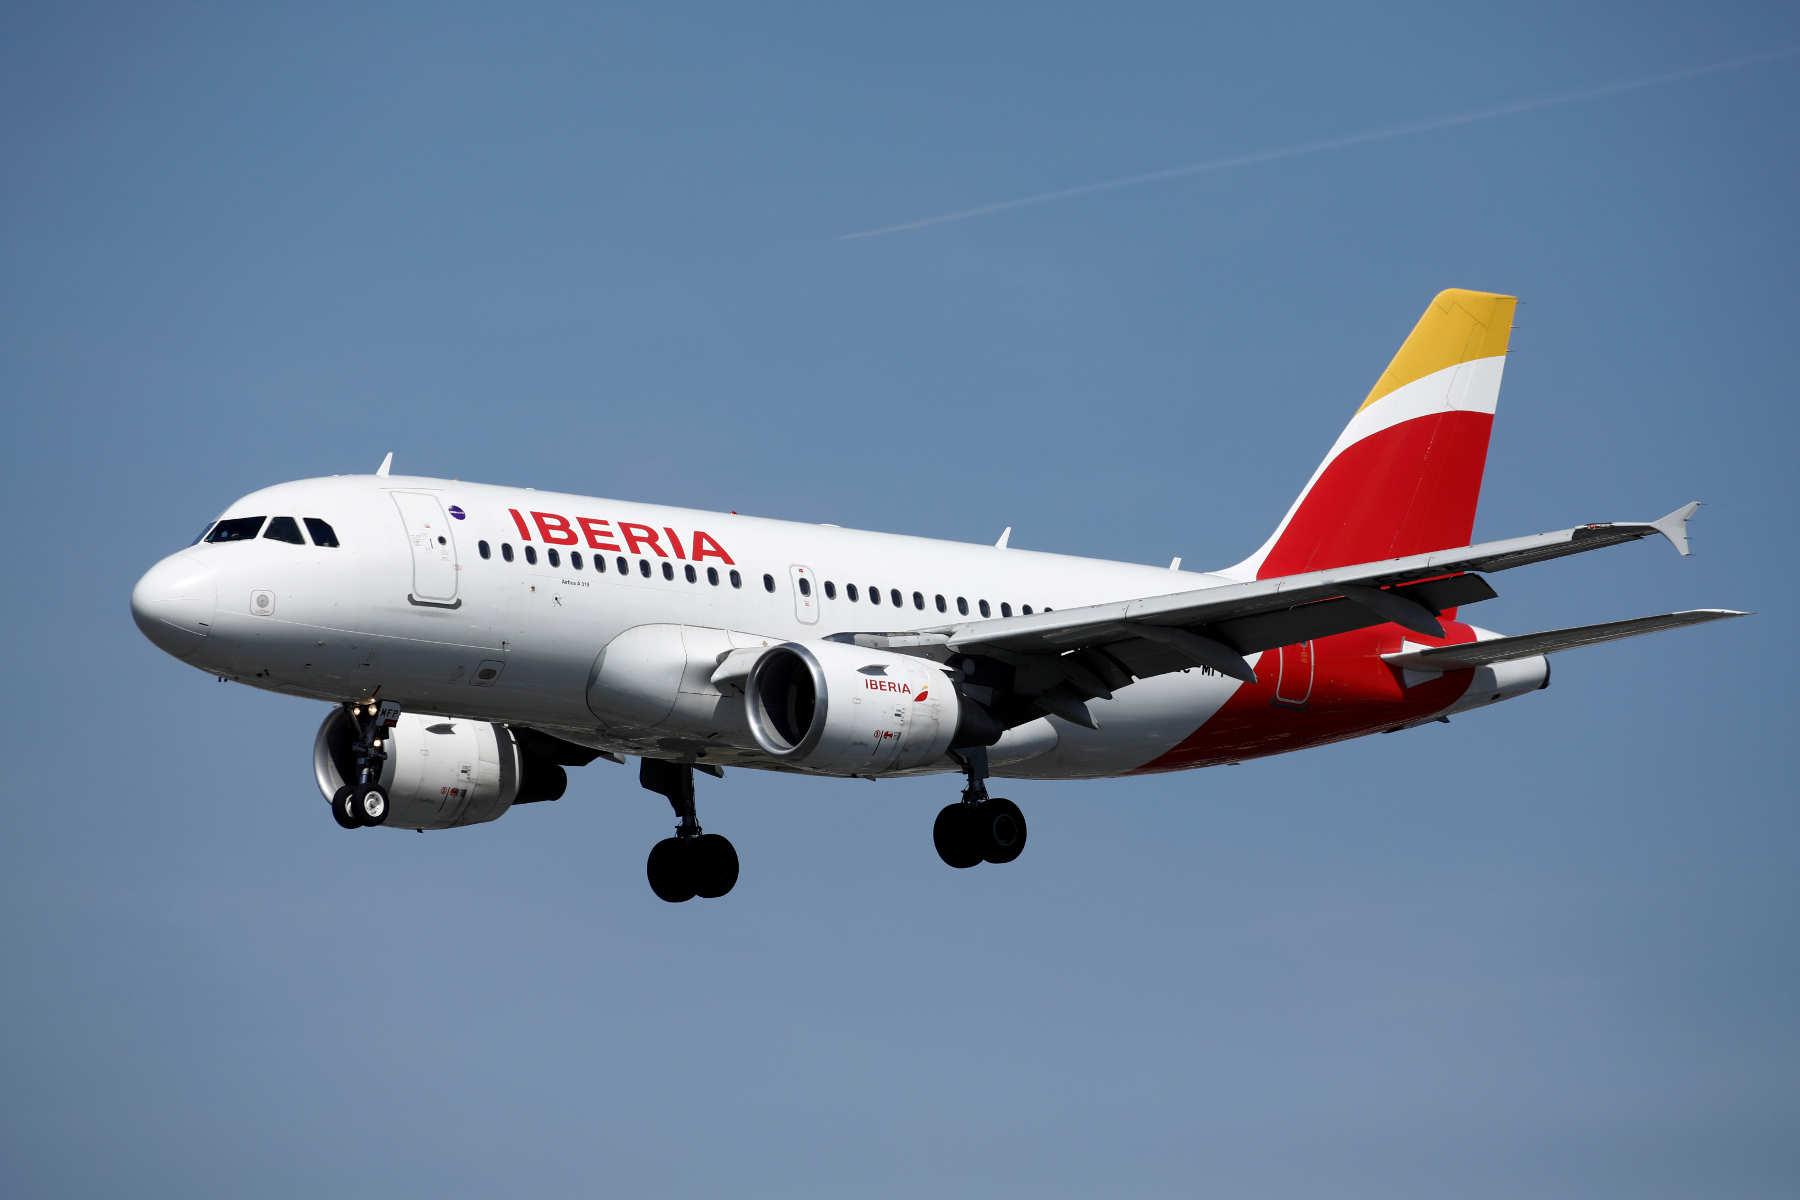 Μηνύουν την Iberia για μη τήρηση των υγειονομικών μέτρων κατά του κορονοϊού